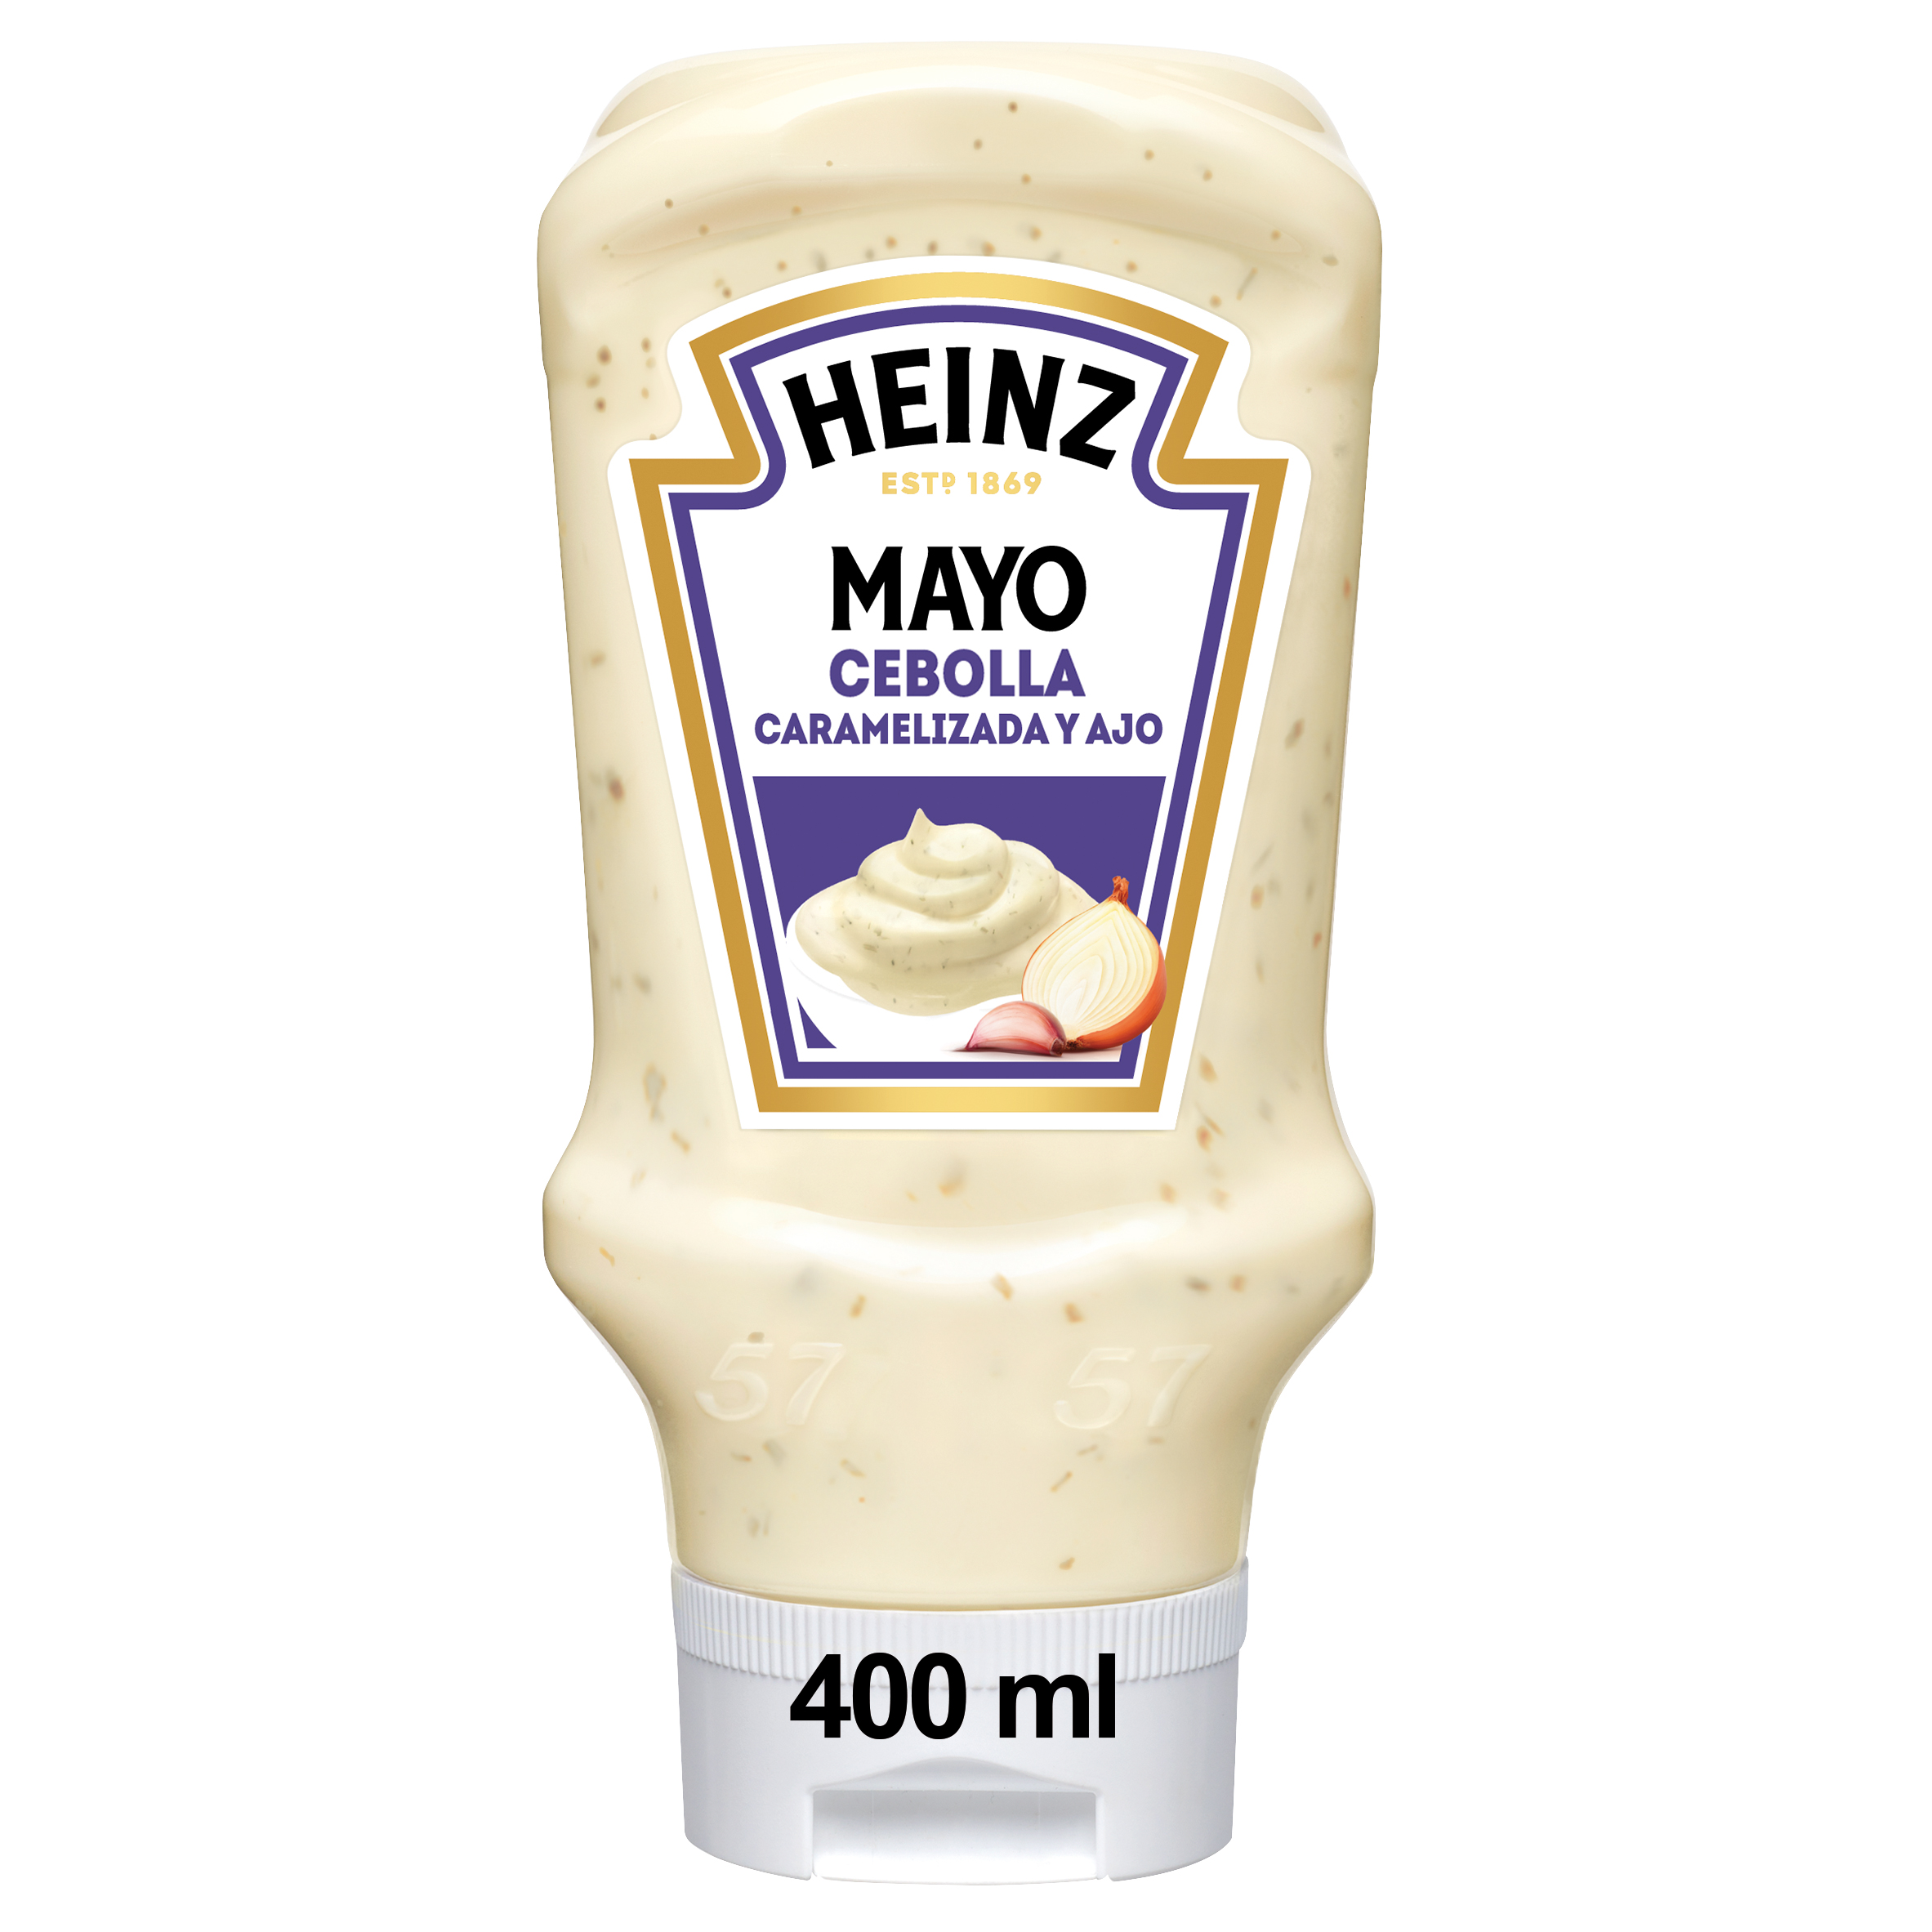 Heinz Mayonesa Cebolla Caramelizada y Ajo 400ml image